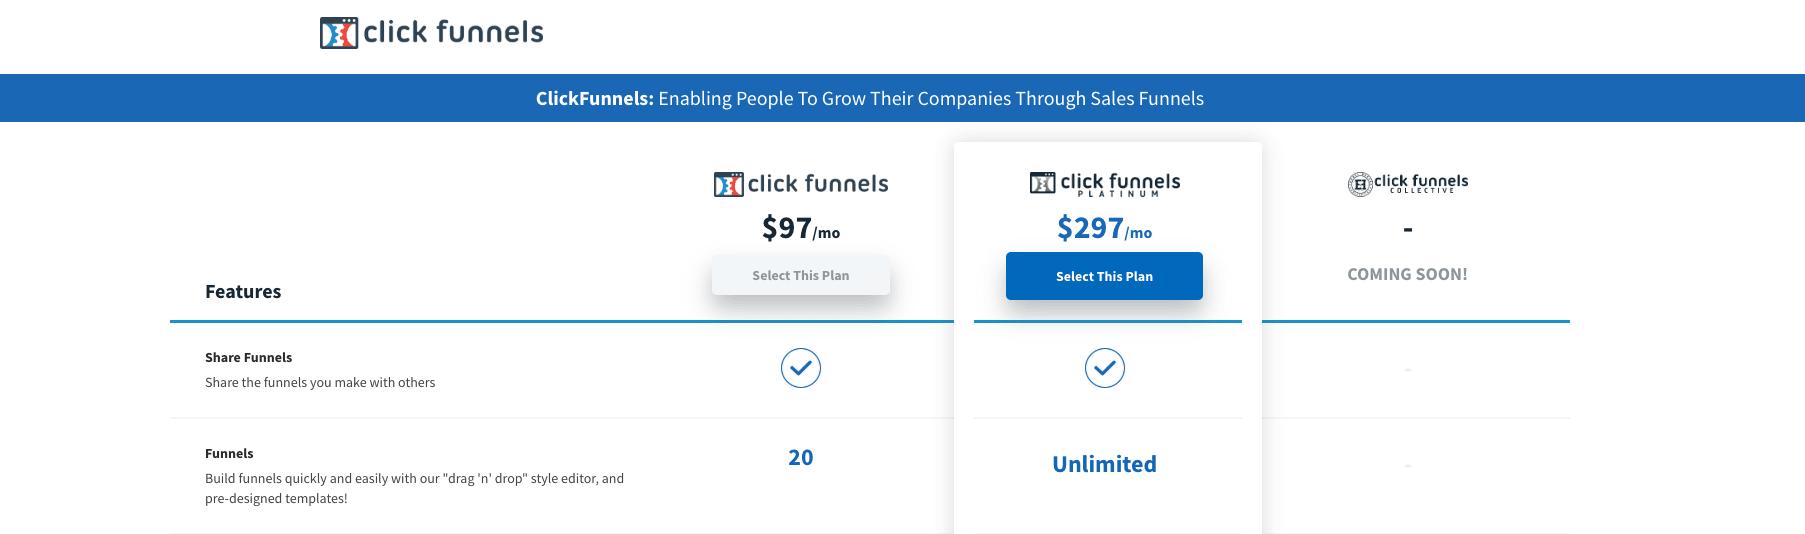 clickfunnels upgrade